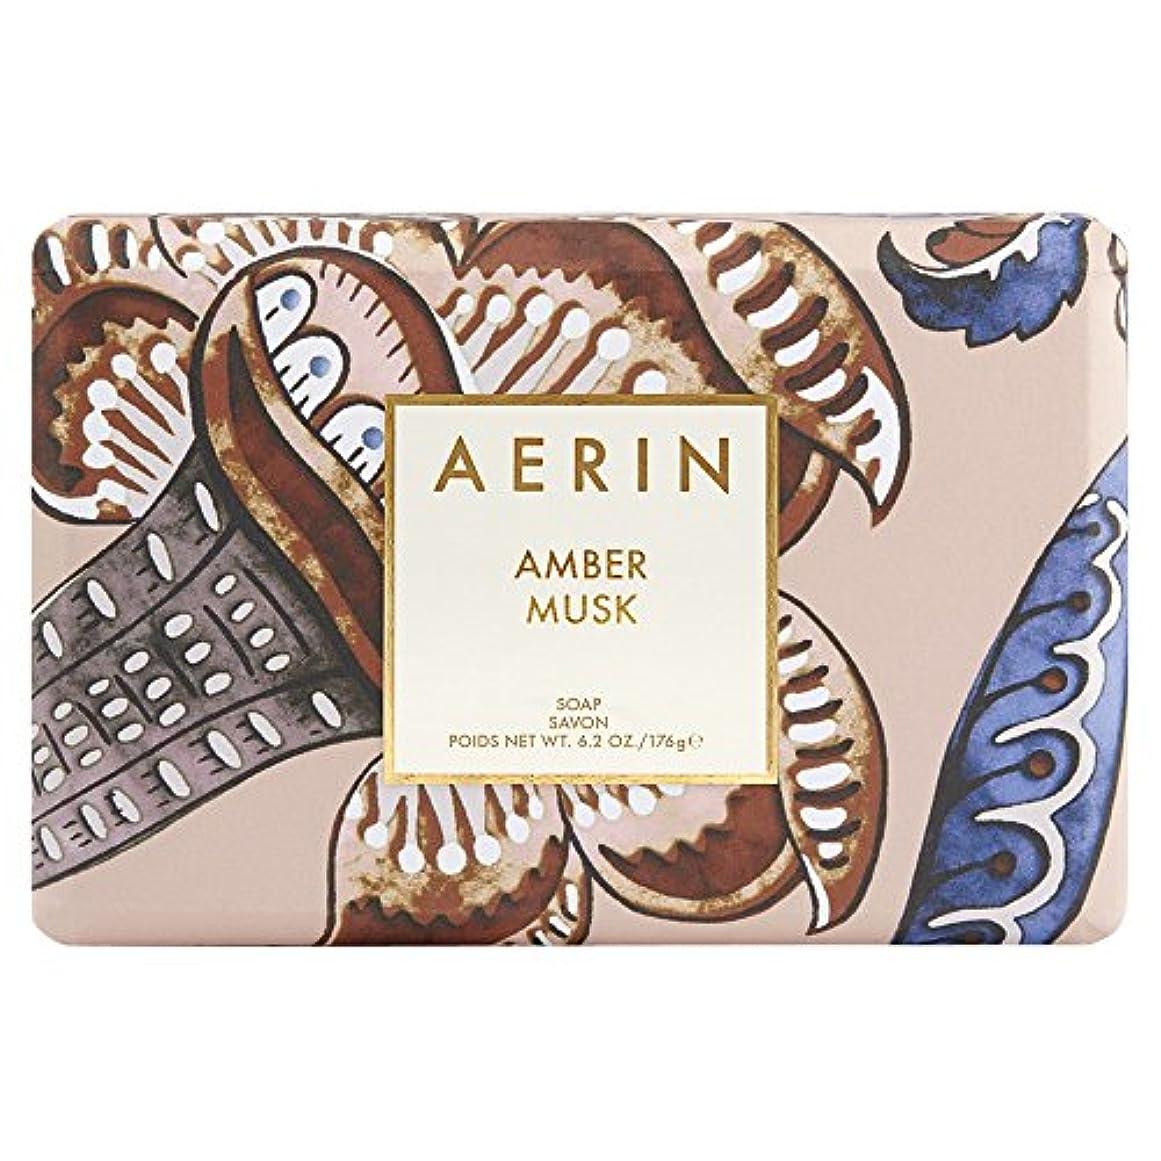 唯一コミュニティアルネAerinアンバームスクソープ176グラム (AERIN) (x6) - AERIN Amber Musk Soap 176g (Pack of 6) [並行輸入品]